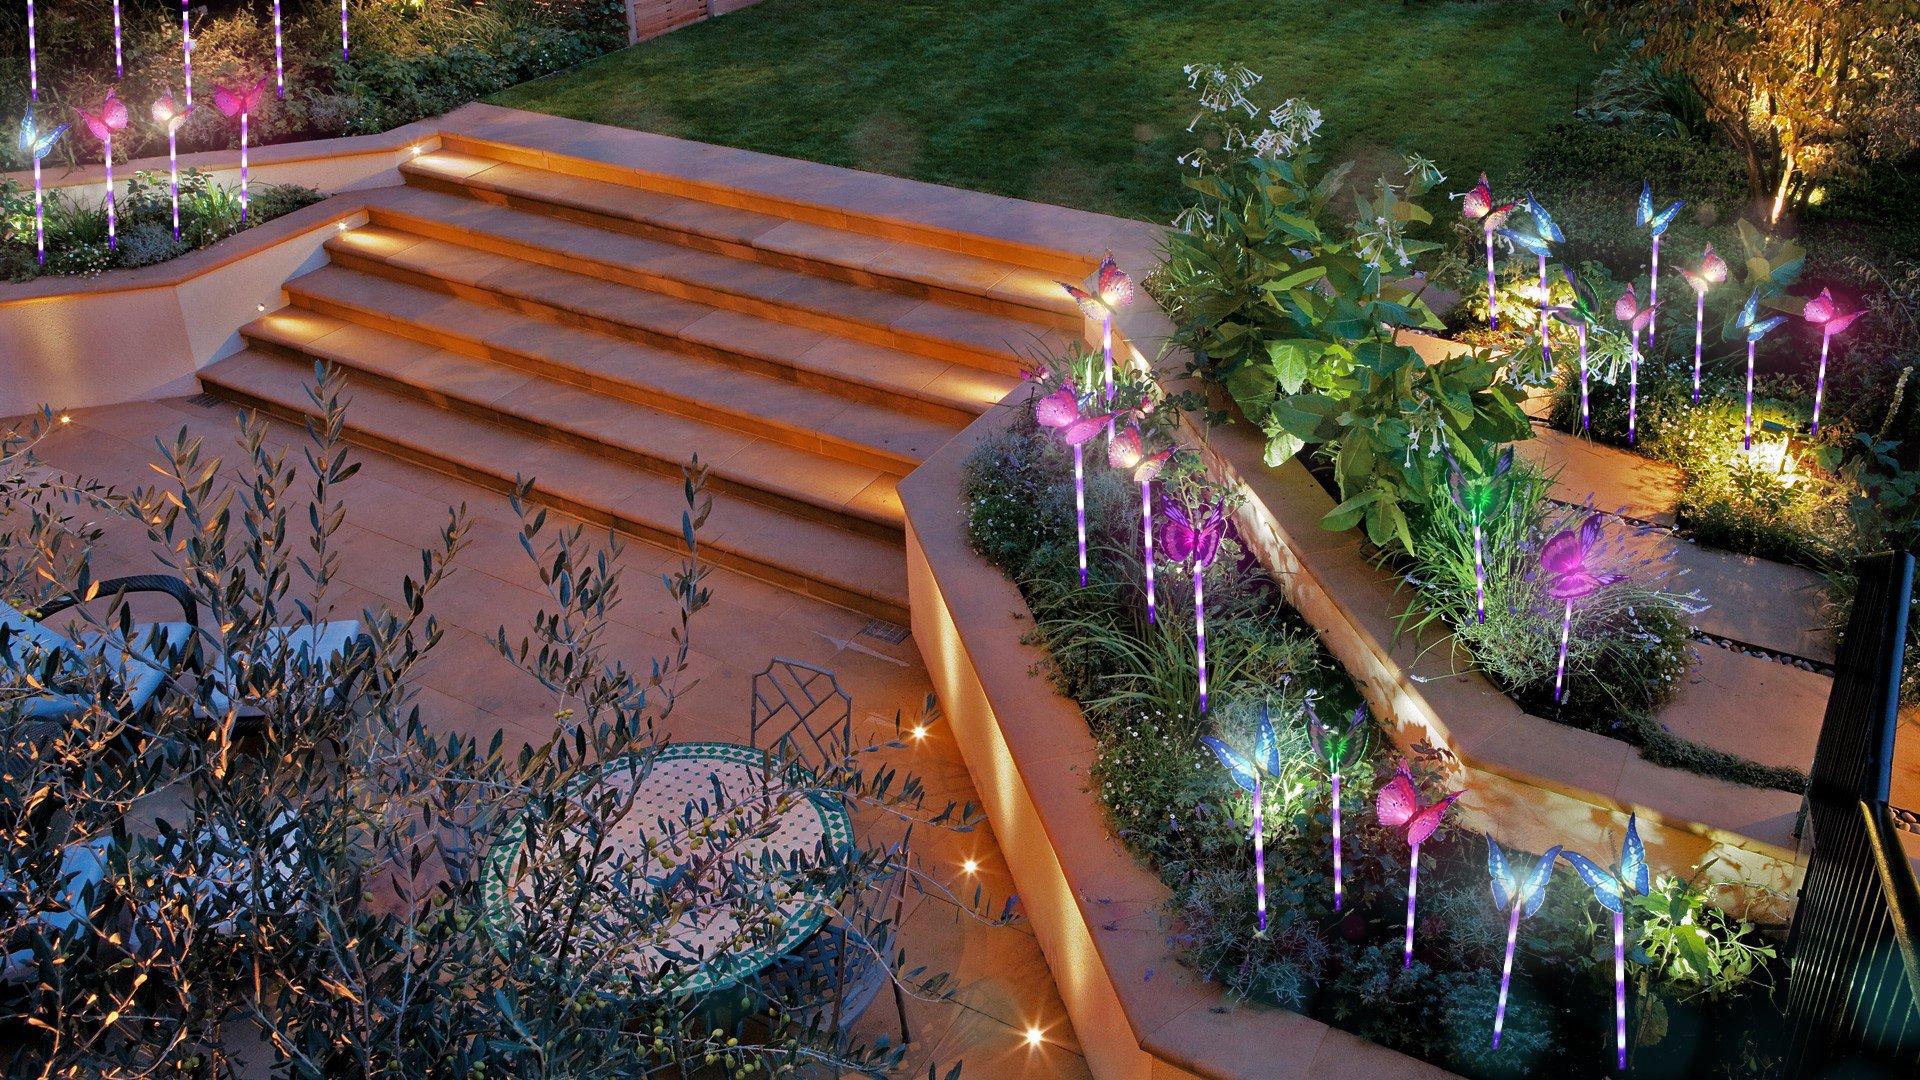 Beleuchtung Außen Solarleuchte Garten, Lvyleaf 3 Packung